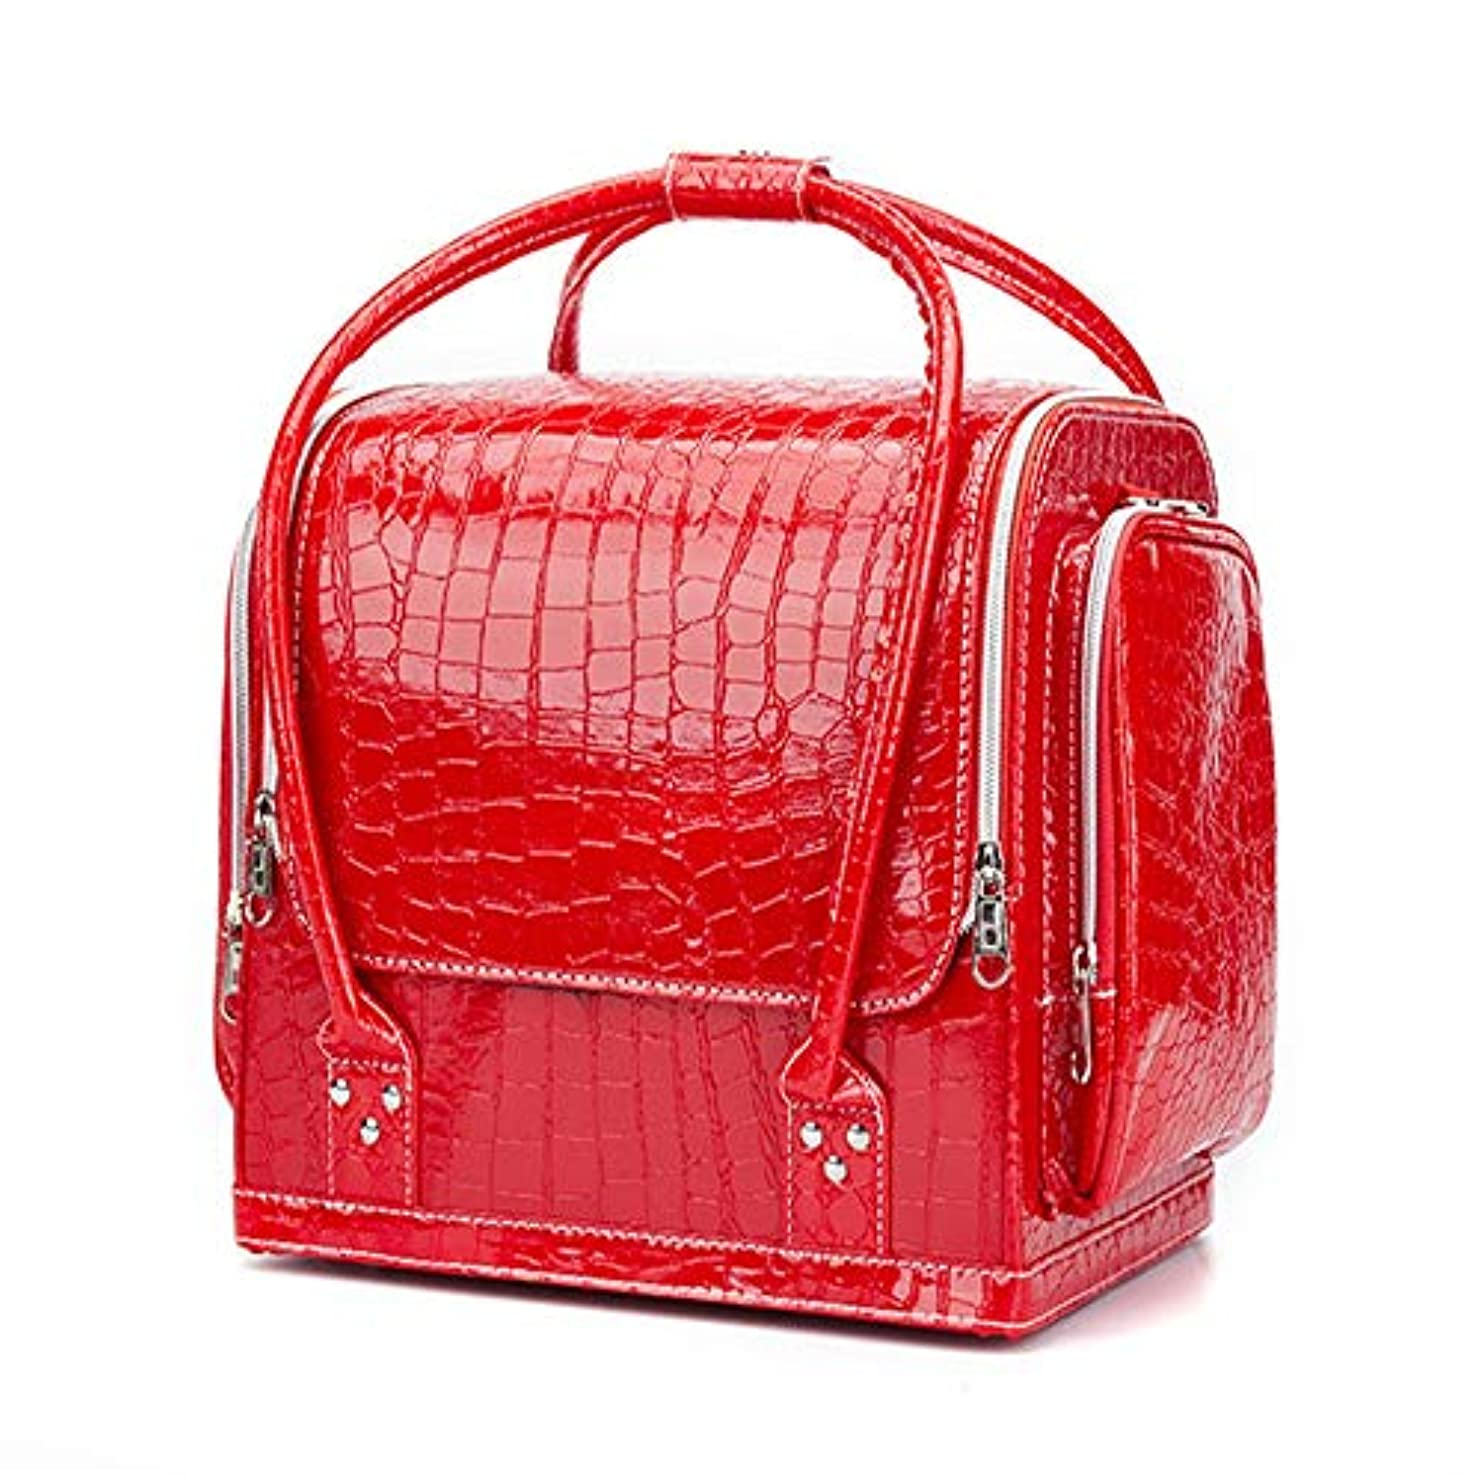 化粧オーガナイザーバッグ ポータブルプロフェッショナルpuレザー旅行メイクアップバッグパターンメイクアップアーティストケーストレインボックス化粧品オーガナイザー収納用十代の女の子女性アーティスト 化粧品ケース (色 : 赤)